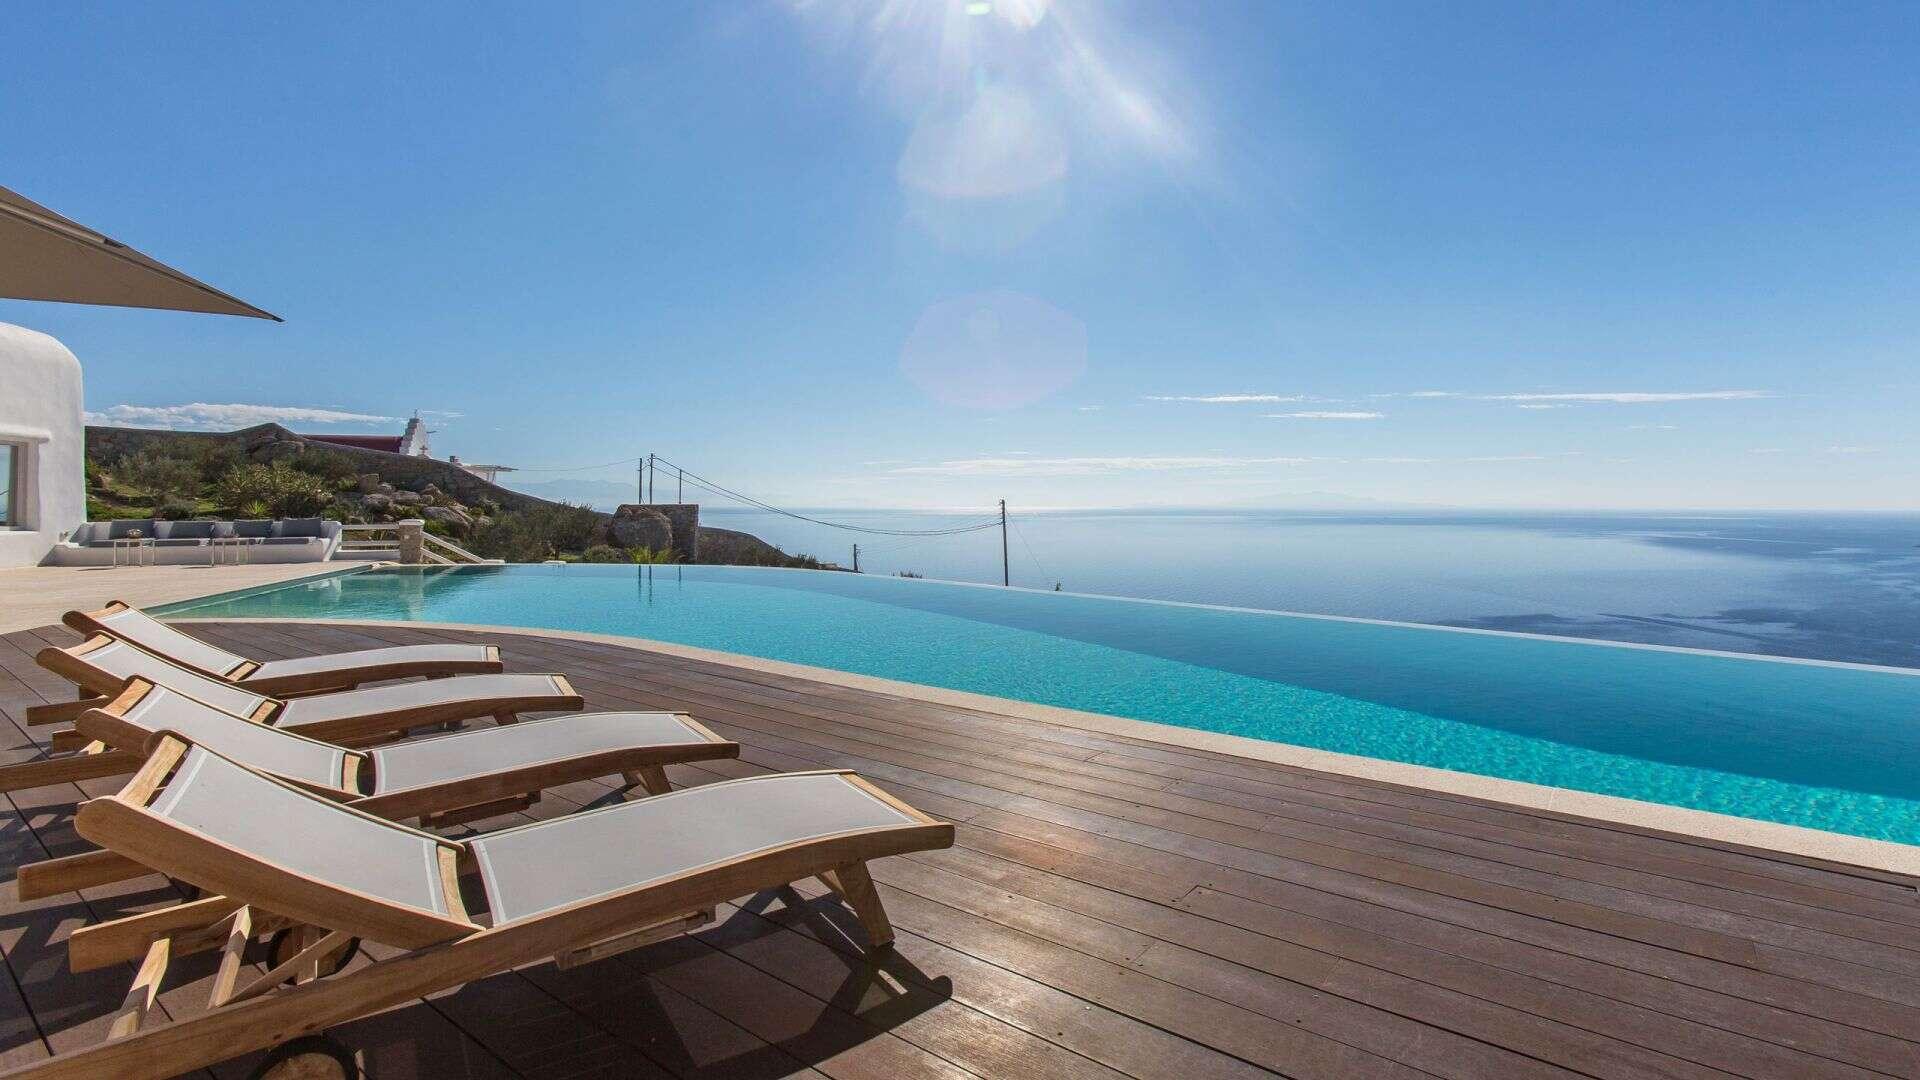 Luxury vacation rentals europe - Greece - Mykonos - Agios lazaros - Great Mystique - Image 1/26